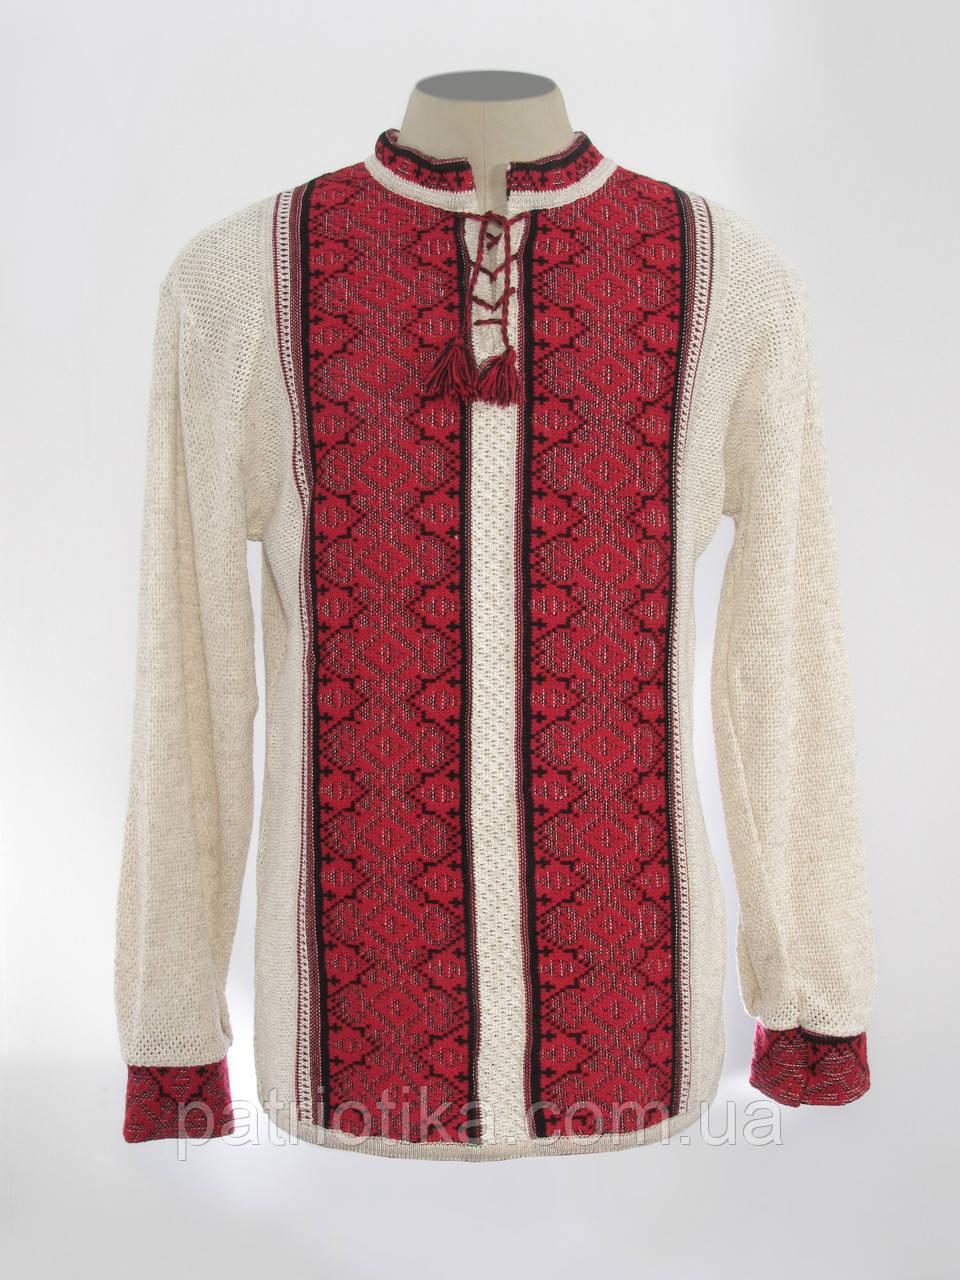 Вязаная вышиванка с красным узором Роман   В'язана вишиванка з червоним узором Роман